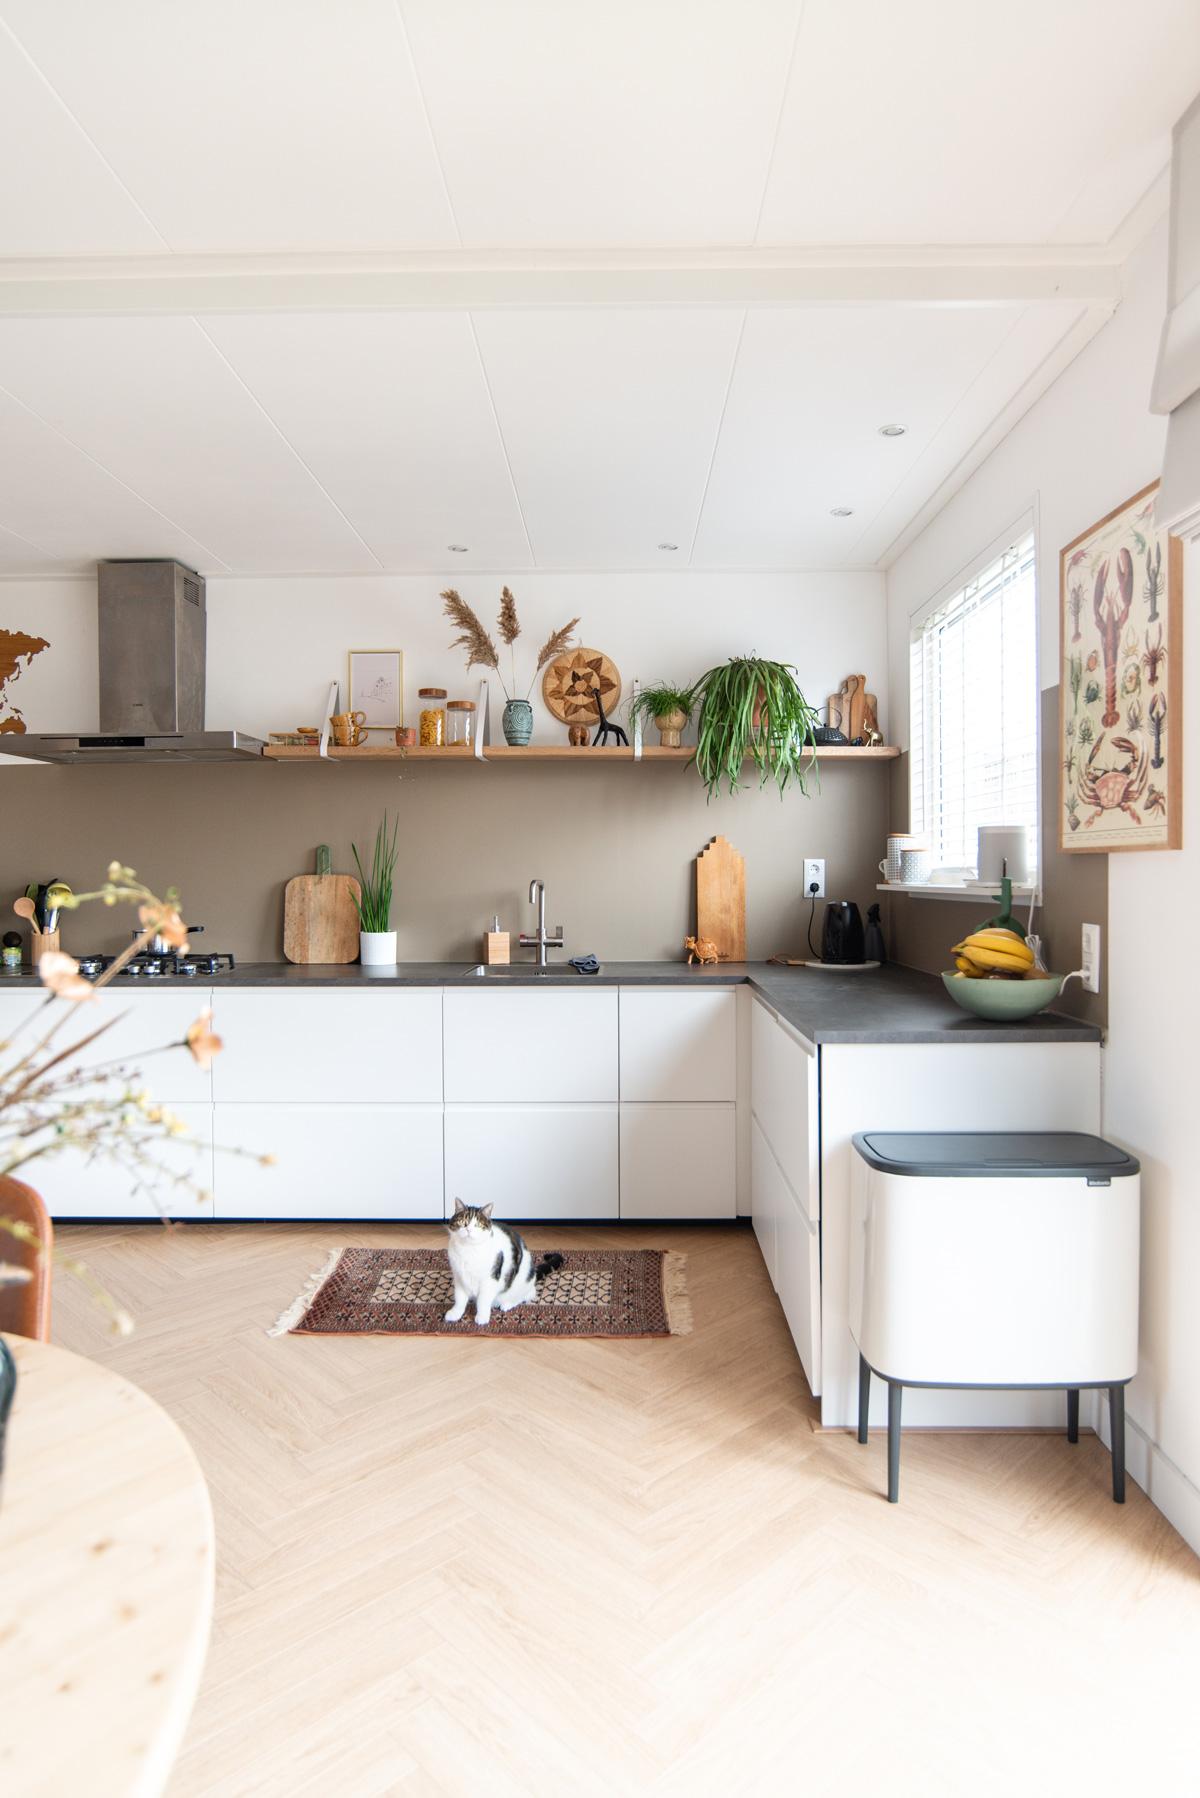 verandering keeelly91 keuken kitchen eclectic bohemian handles and more vesting paint brabantia vintage inspiratie interieur